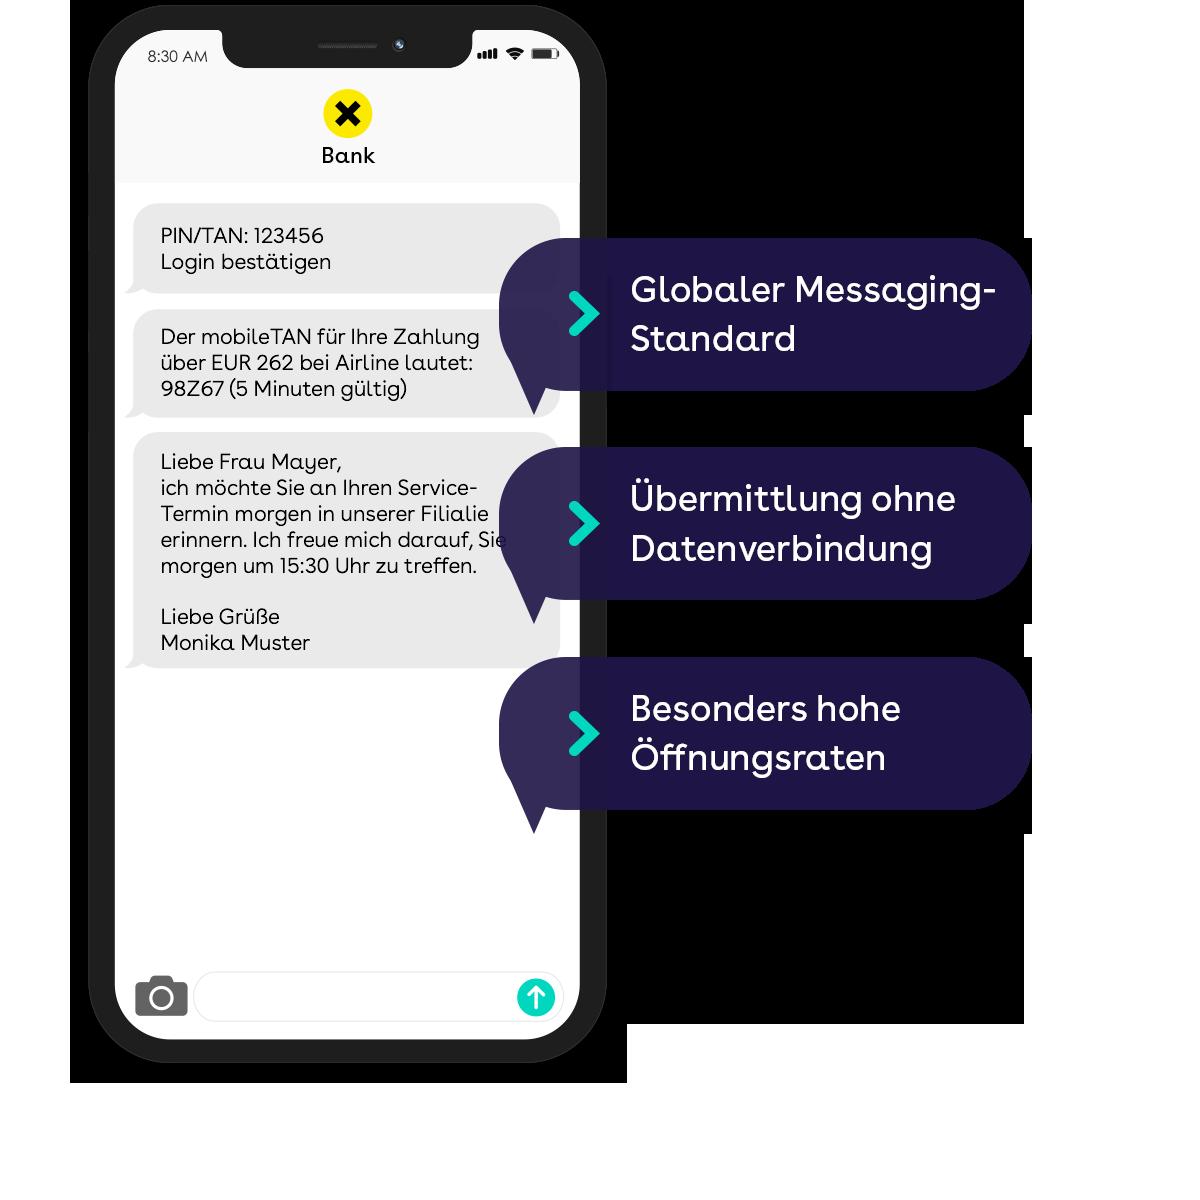 websms - Die Vorteile von SMS: Globaler Messaging-Standard, Übertragung ohne Datenverbindung, Besonders höhe Öffnungsraten